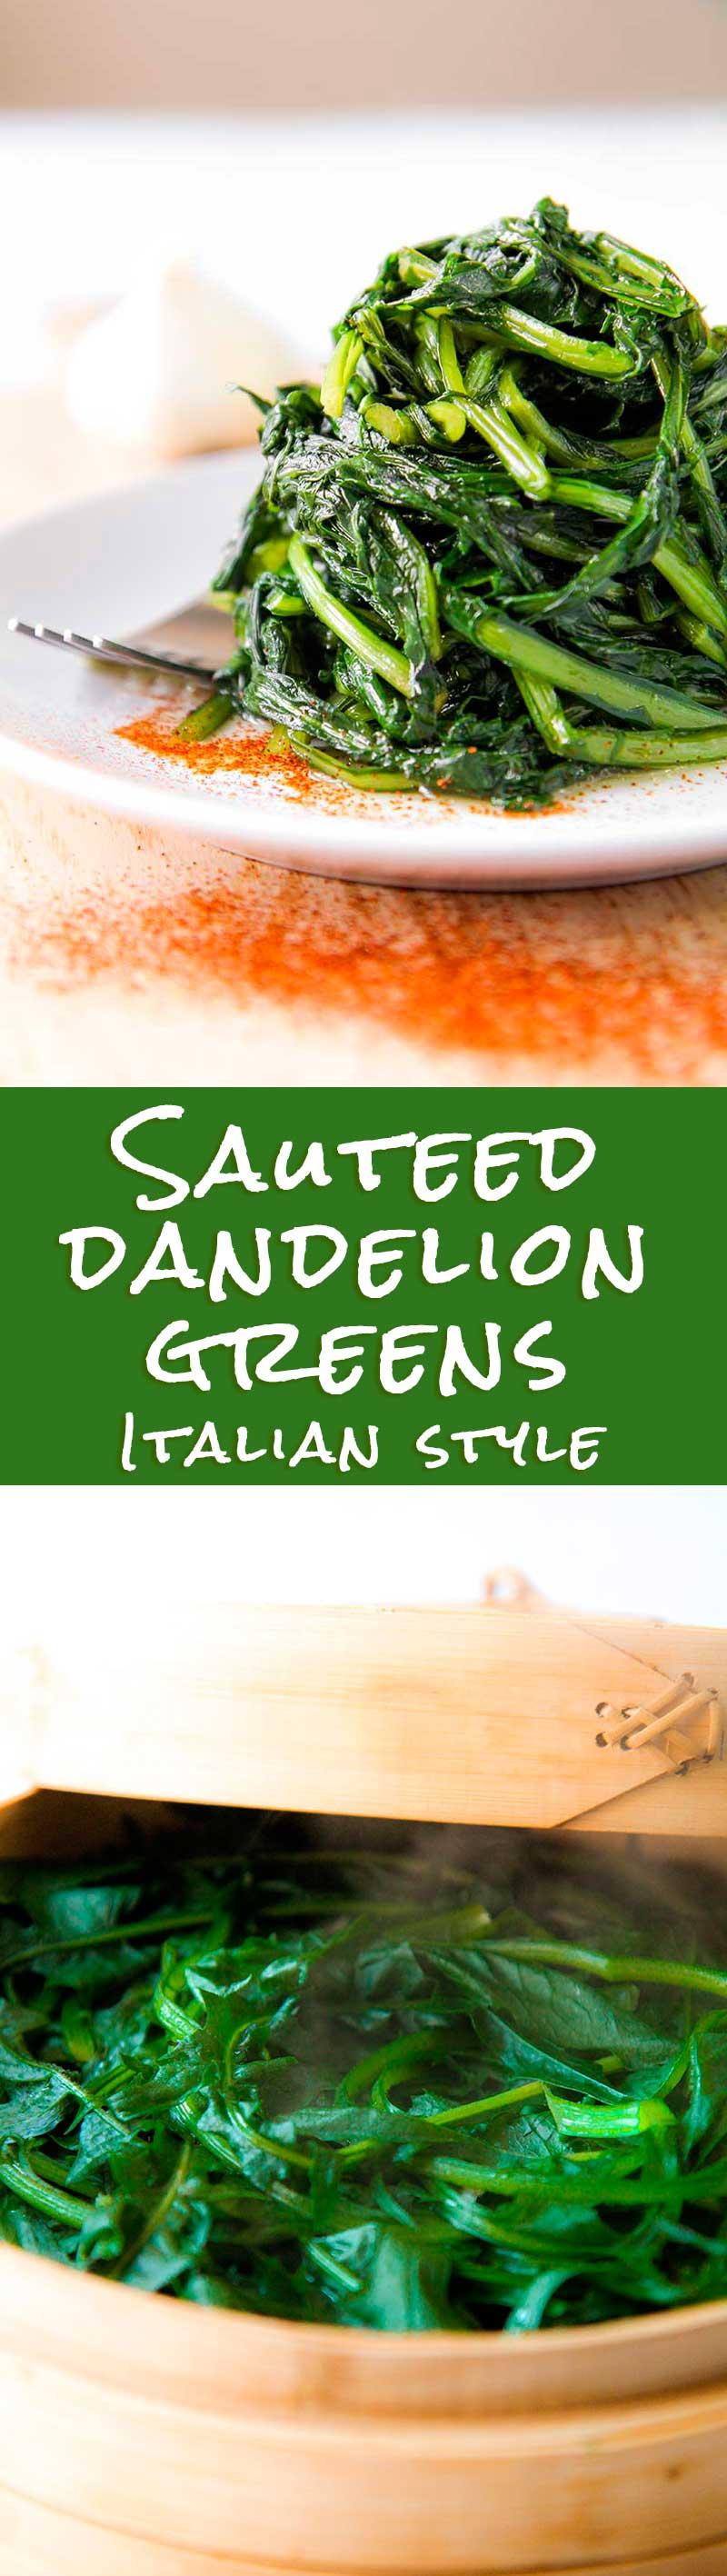 SAUTEED DANDELION GREENS ROMAN STYLE (cicoria alla romana)